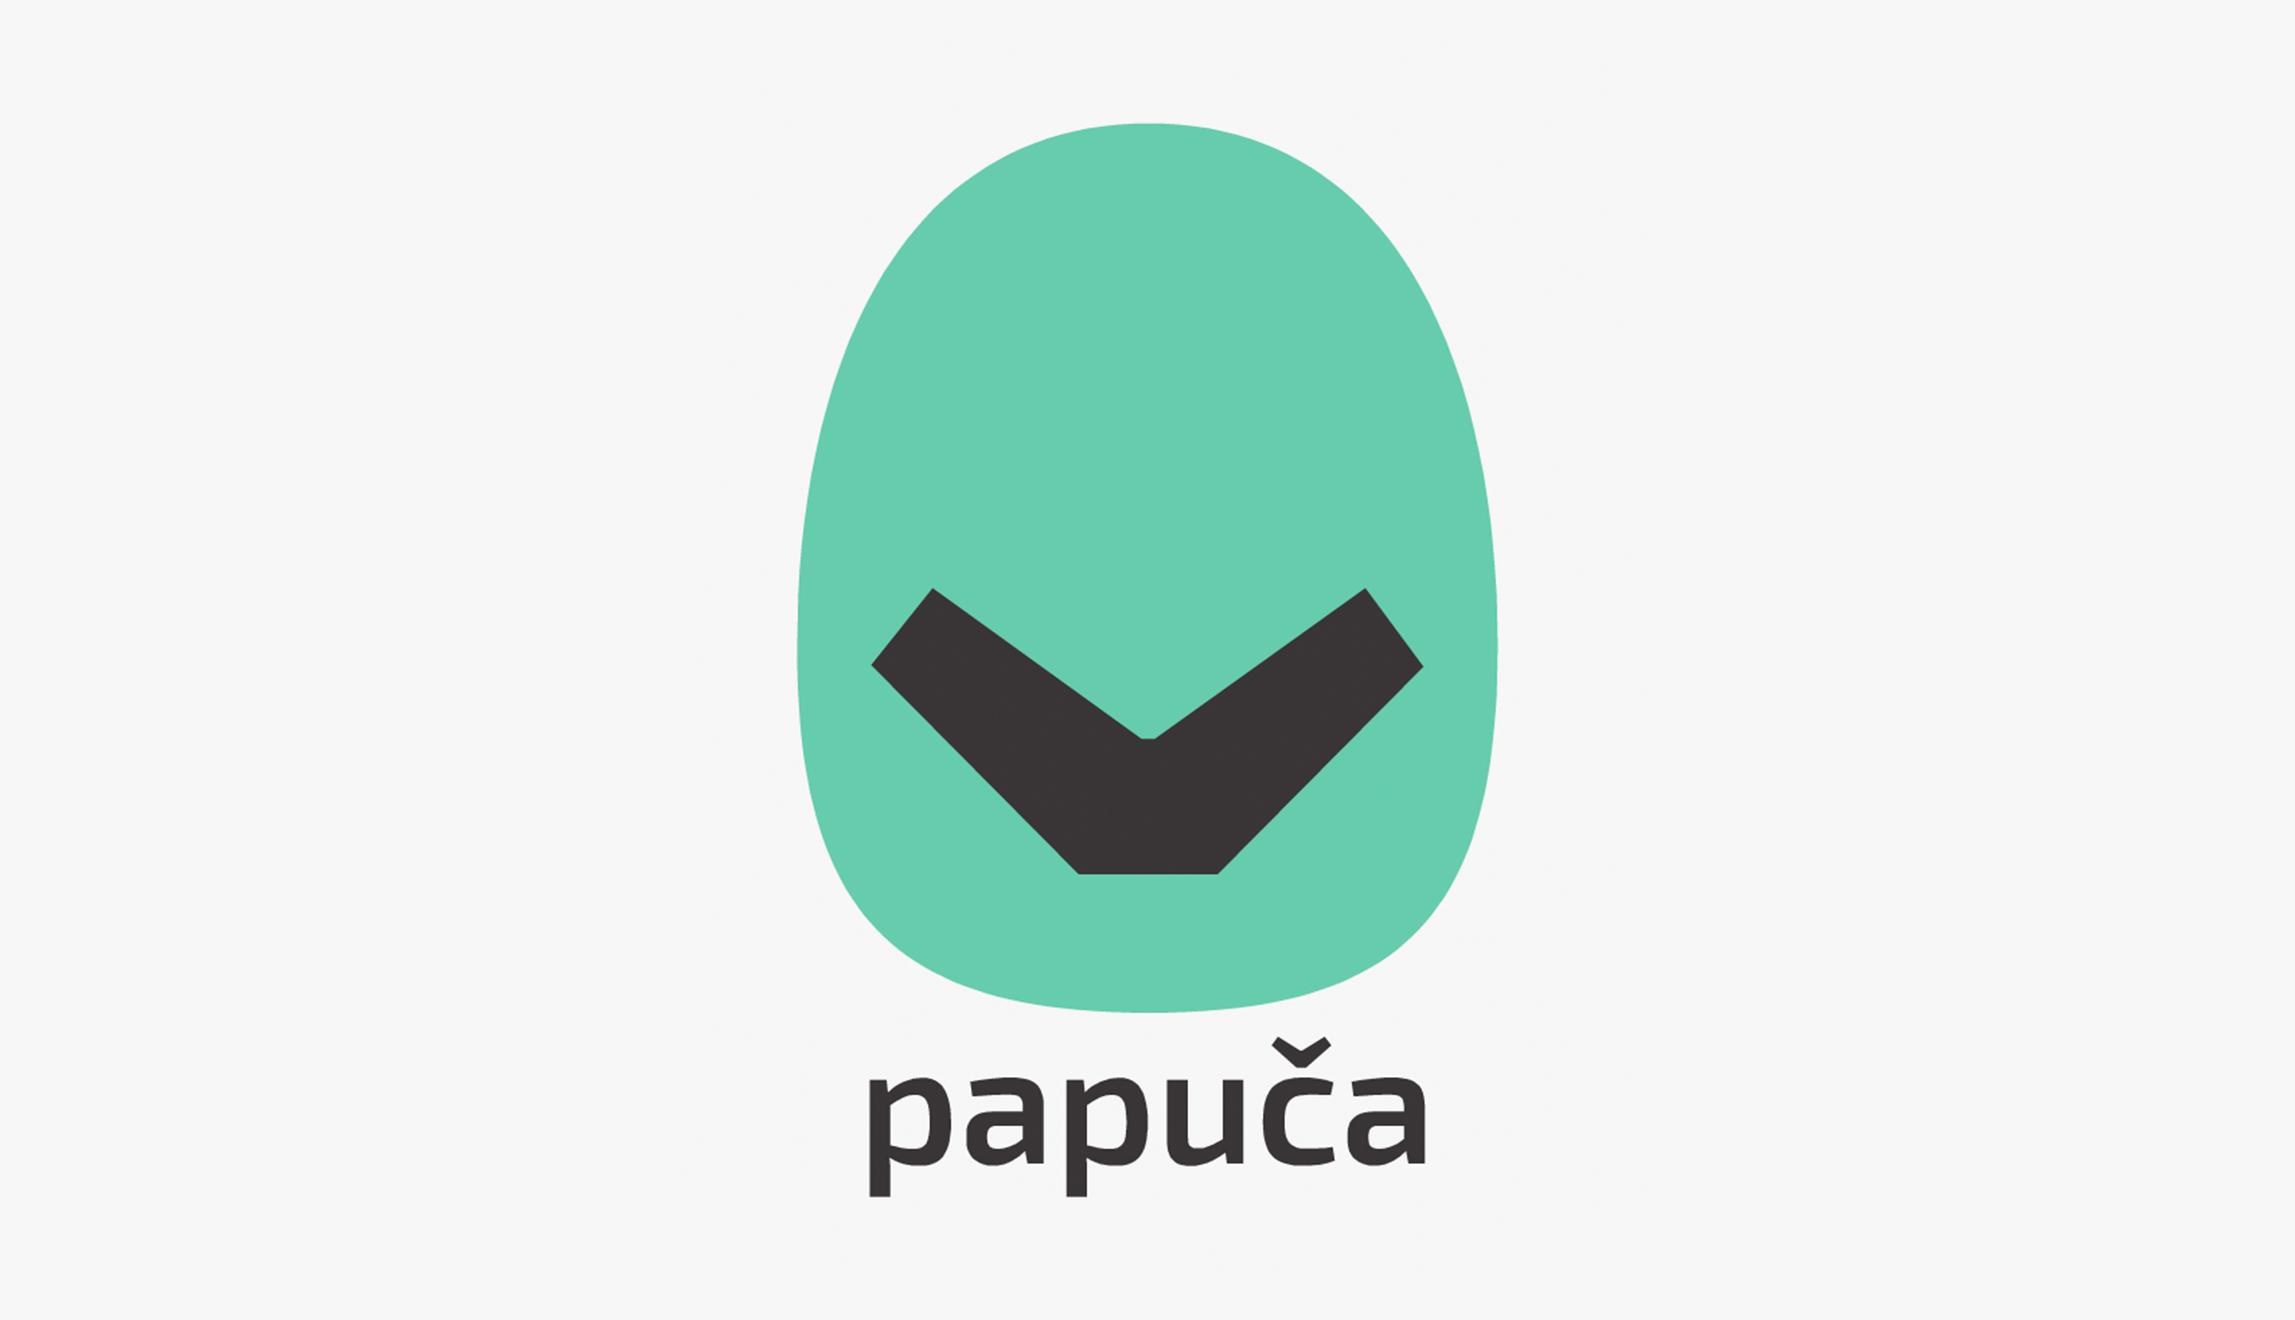 Papuca-5